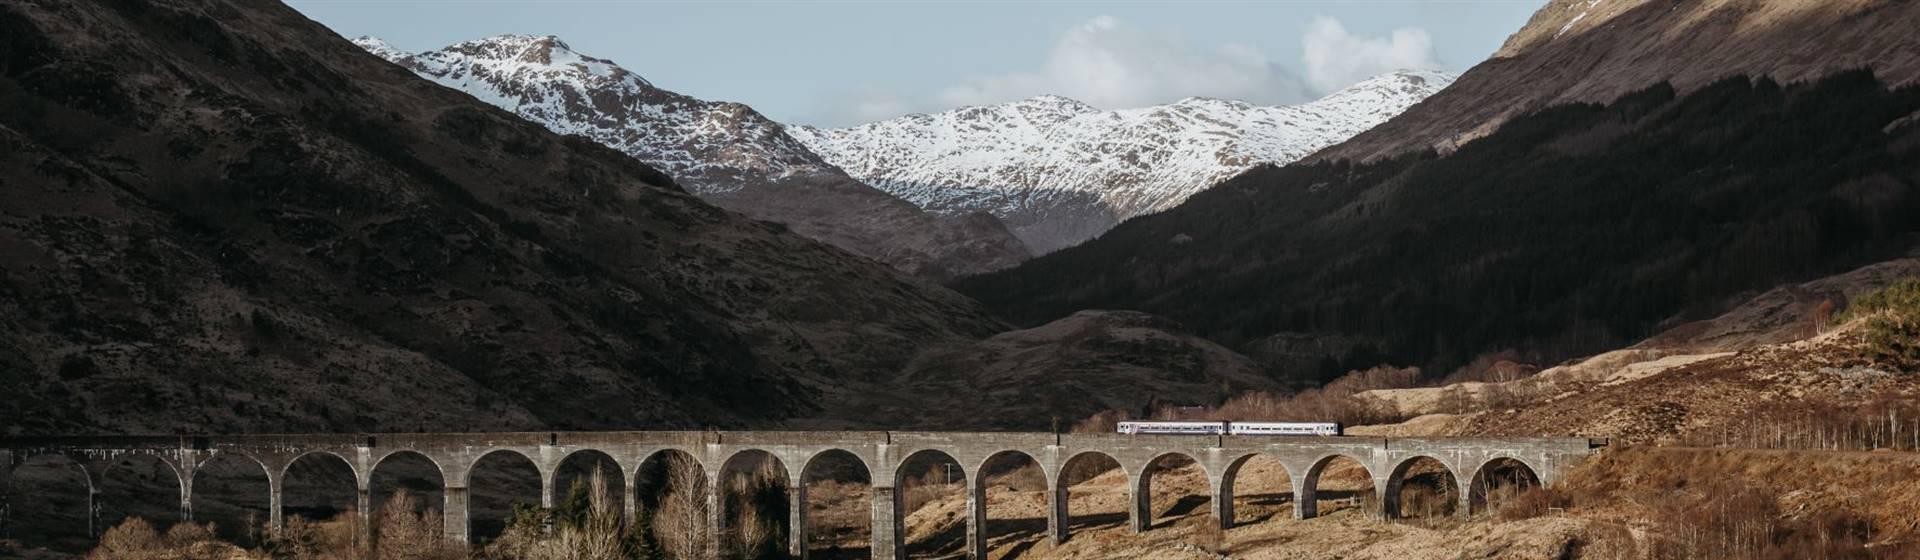 """img src=""""eilean-donan-castle-in-winter-2-©-shutterstock.jpeg"""" alt=""""Eilean Donan Castle in Winter""""/>"""